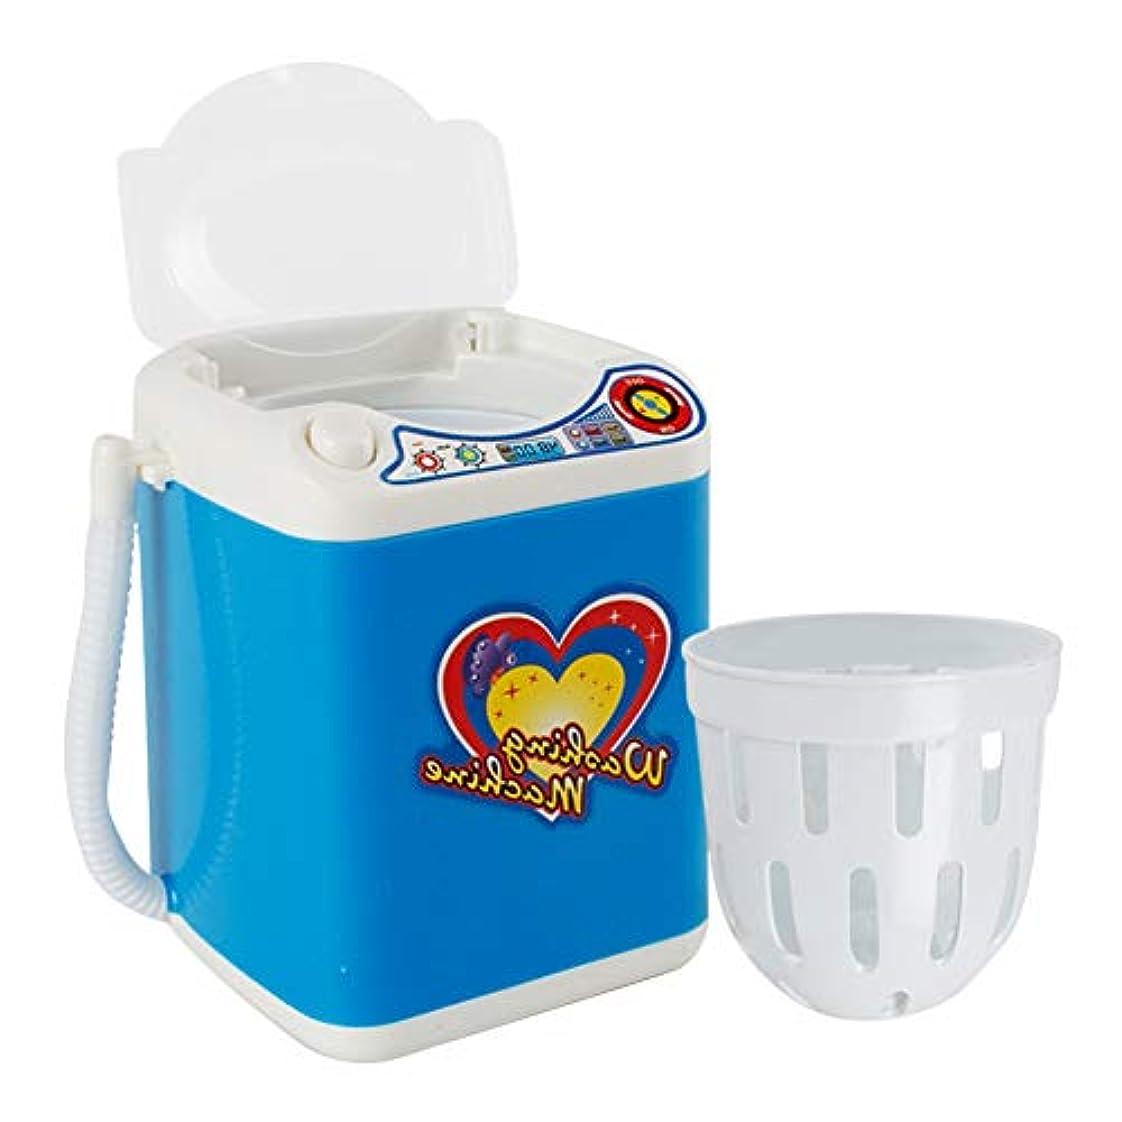 洗濯機丈夫なクリーニング子供家具玩具ポータブル自動回転ミニ電気ふりプレイ電池式ランドリー排水バスケット化粧ブラシ(ブルー)